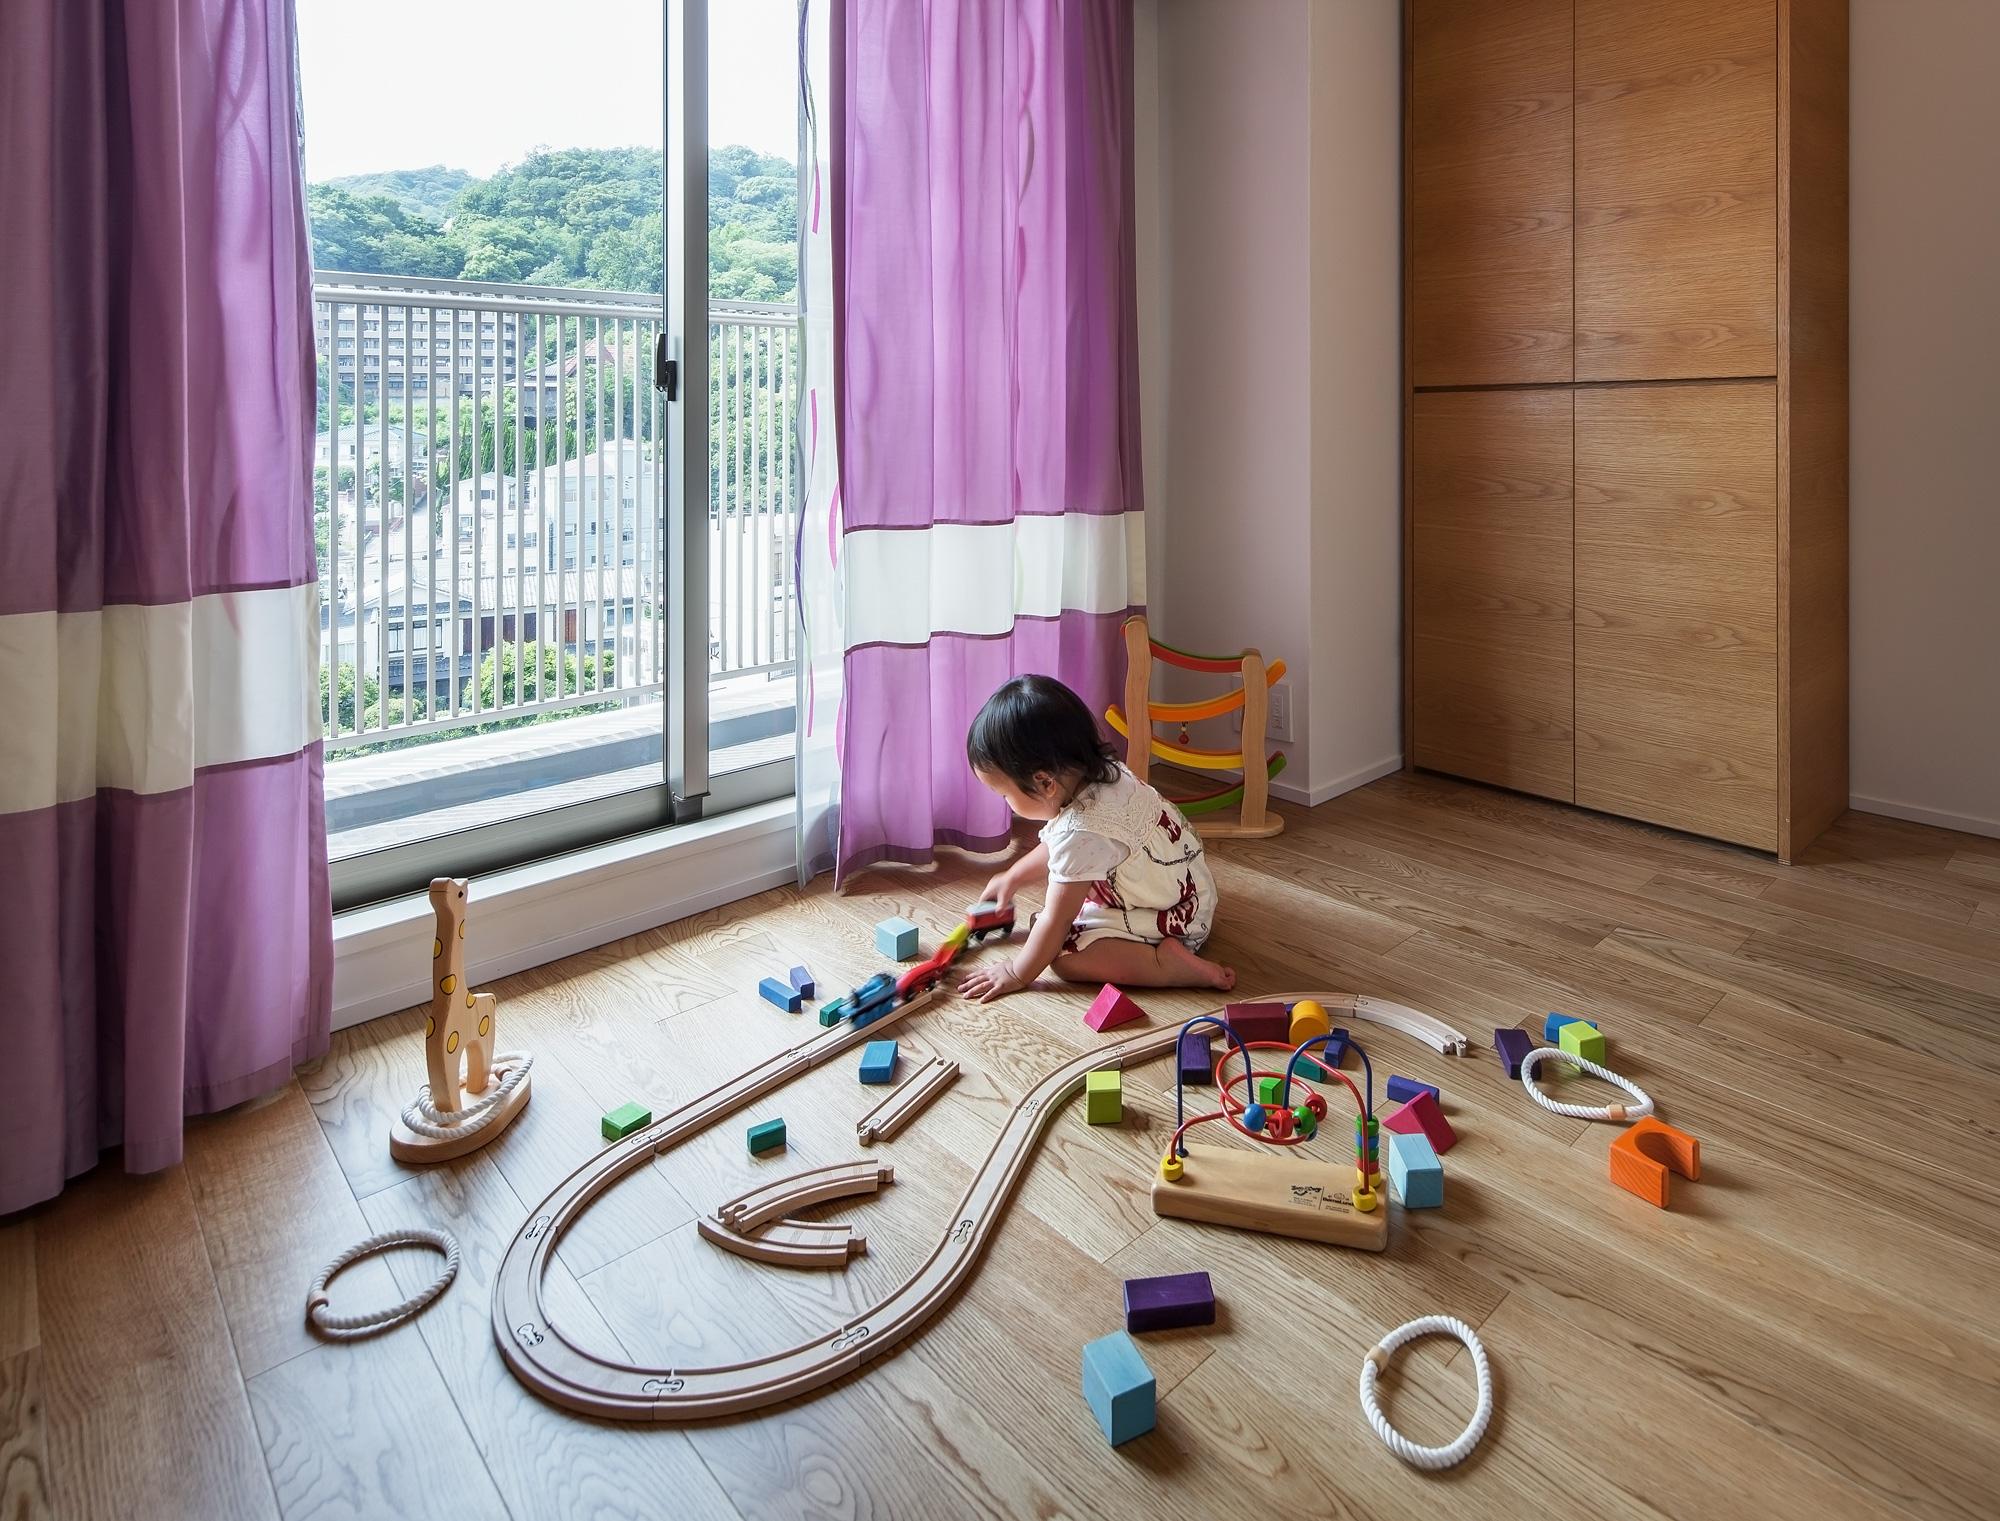 将来の子供部屋: 思いきった色のカーテンを使い、遊び心のある空間にしました